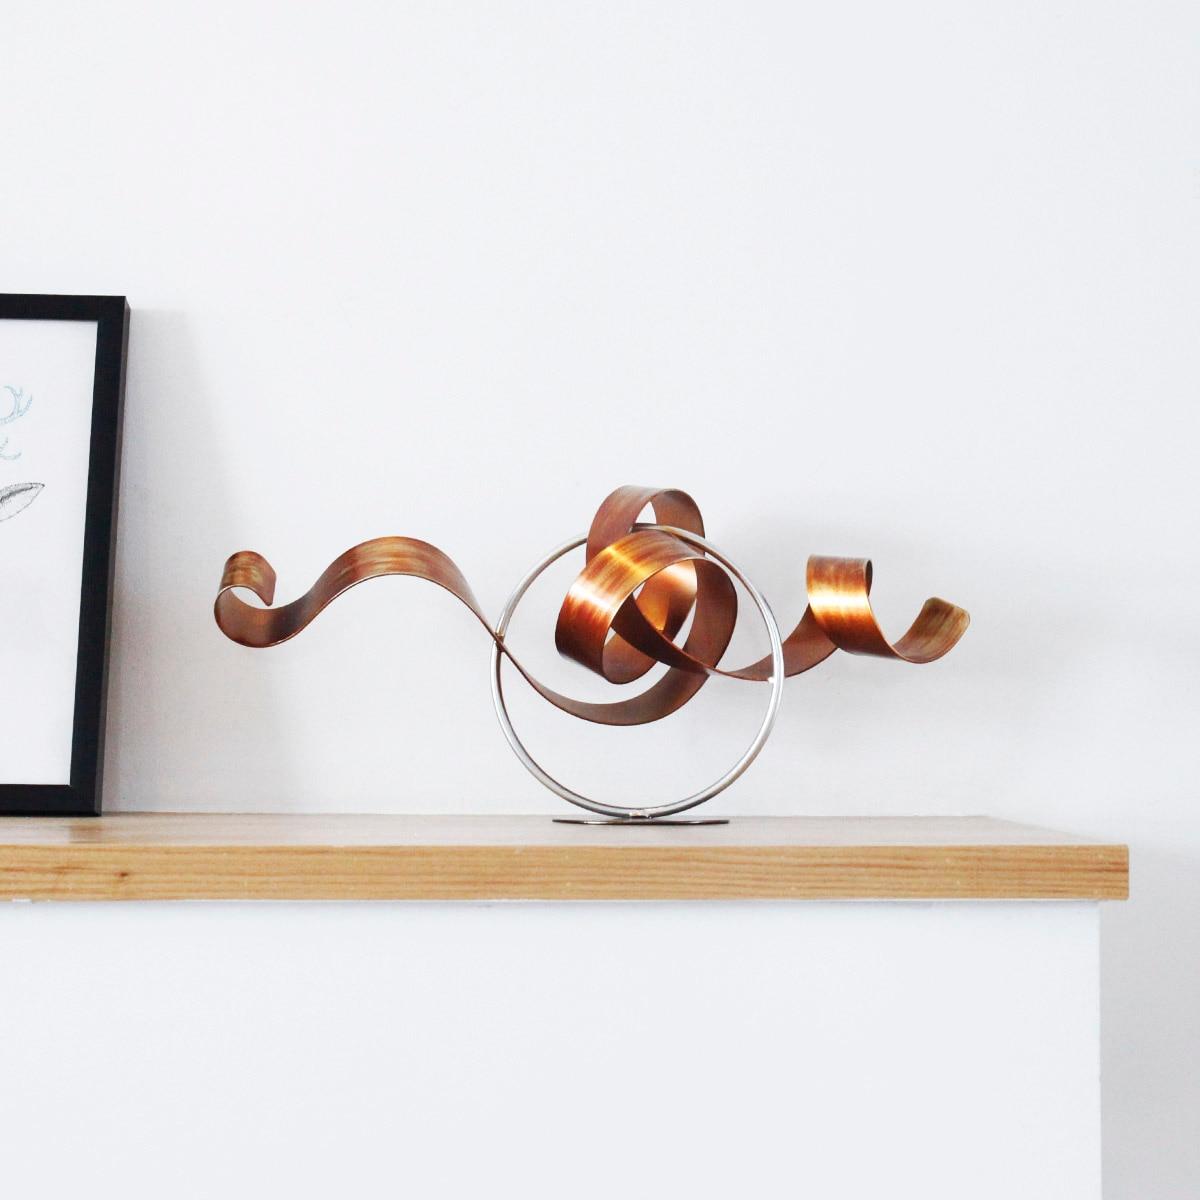 Moda Ferro Wriggle Moderna Scultura Astratta Scultura Opere D'arte Scultura In Metallo di Ferro Decorazione Della Casa Indoor-Outdoor Decor